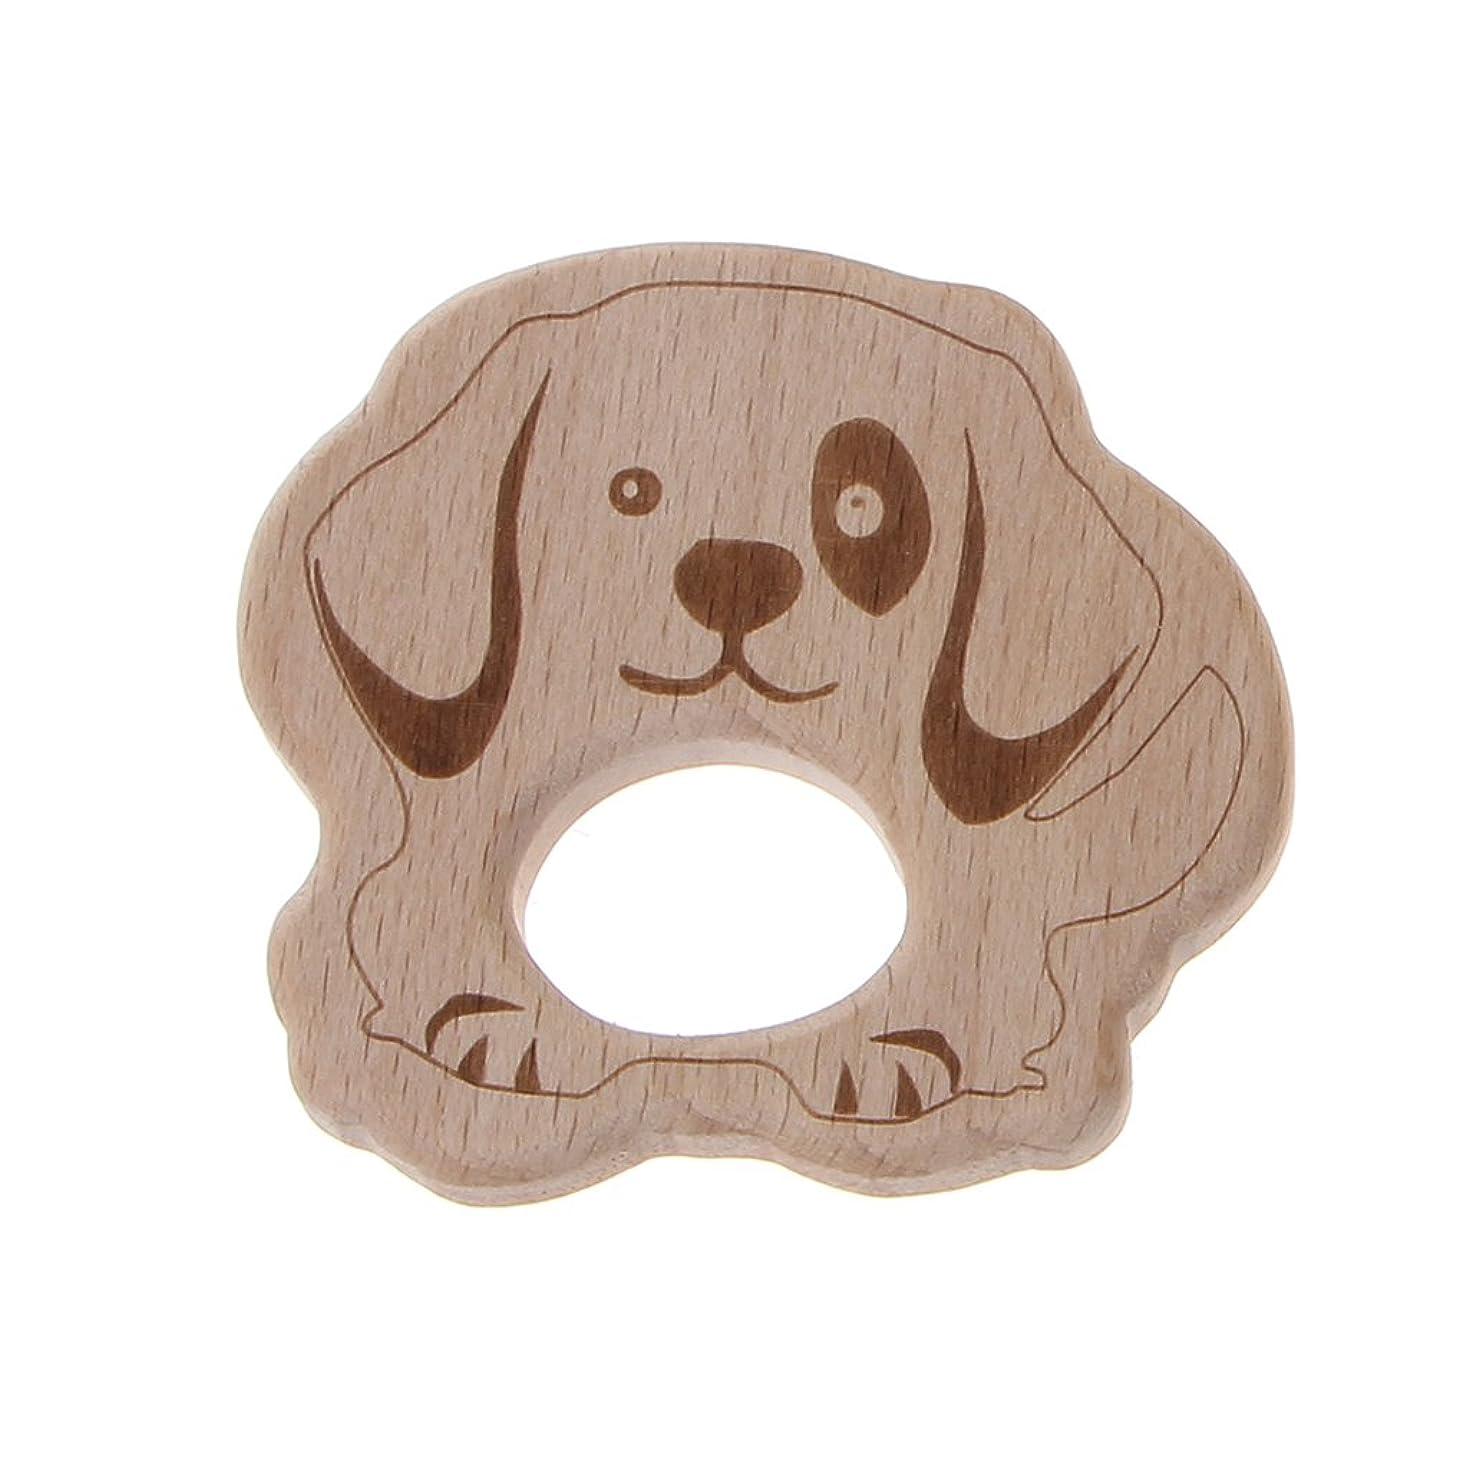 凍結ヒステリックエゴマニアランドウッドティーザー動物ユーカリティーザー赤ちゃん看護玩具かむ玩具歯が生えるガラガラおもちゃ - 子犬